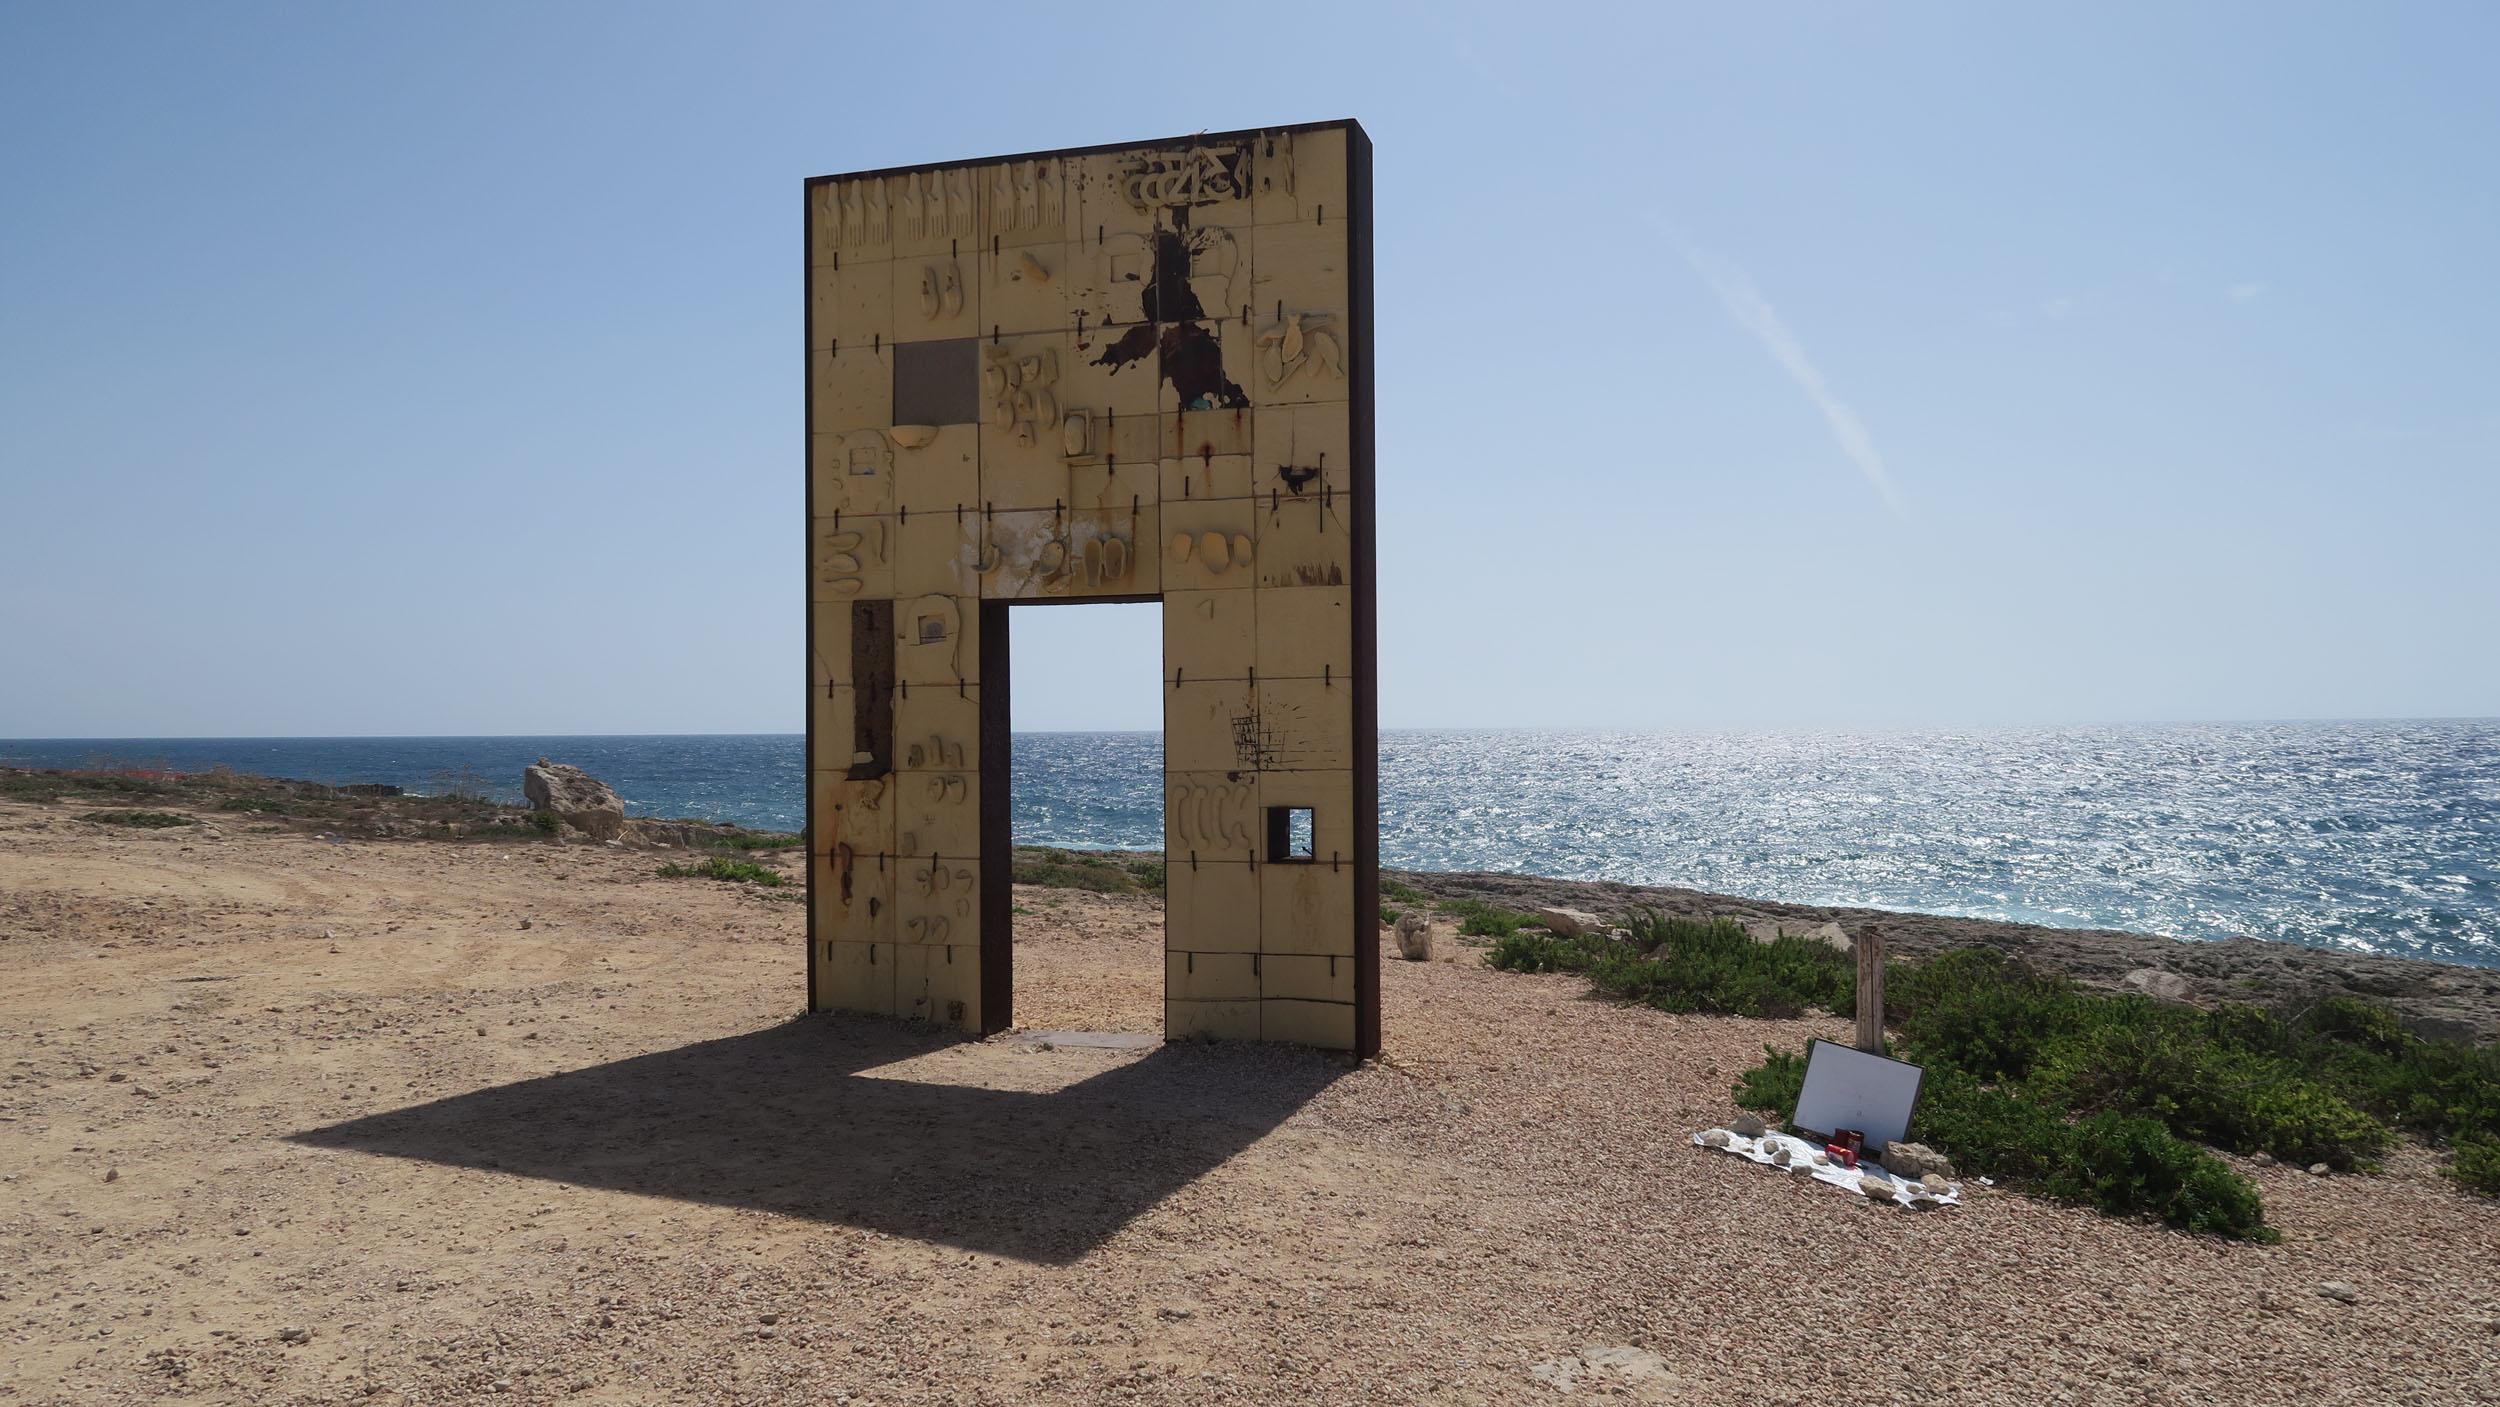 GGD_Lampedusa_IMG_3081.jpg